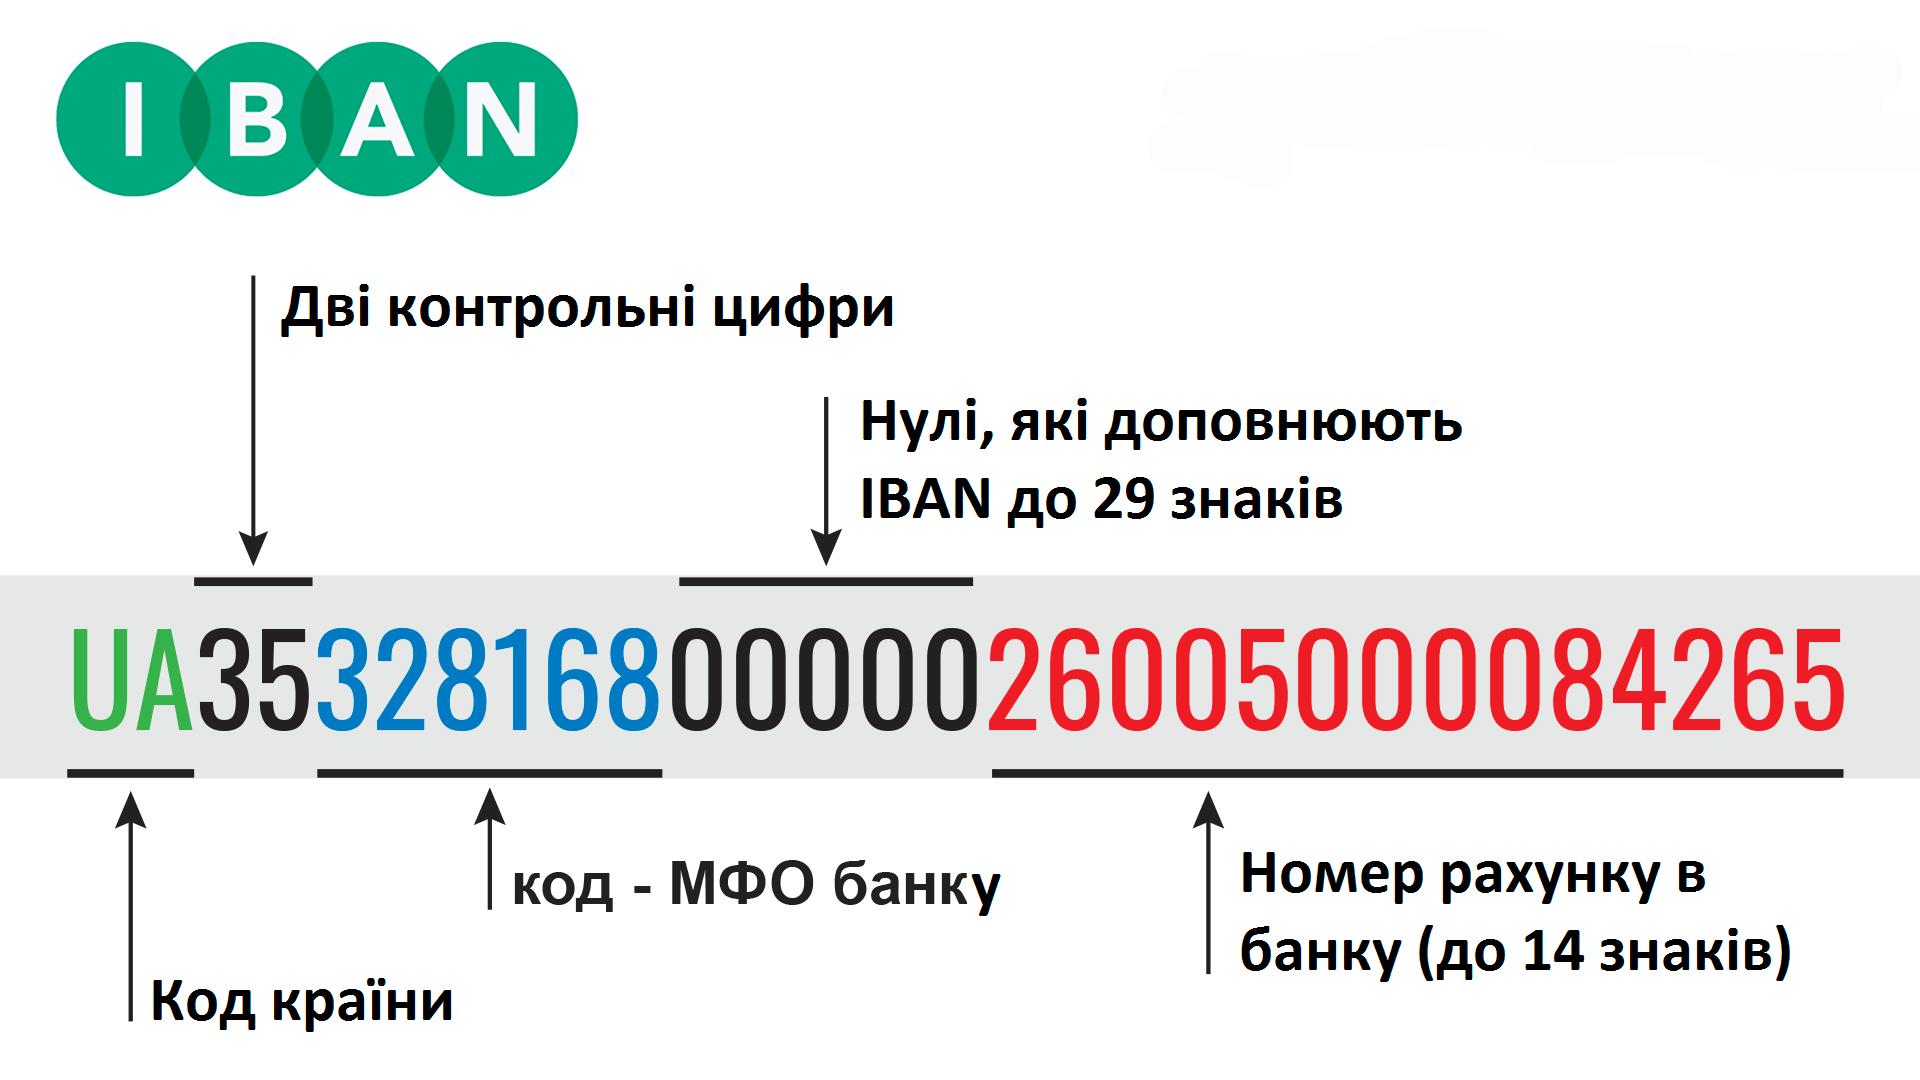 Пам'ятка для клієнтів банку від МТБ БАНК • інформація по IBAN в Україні в MTB БАНК - фото - mtb.ua